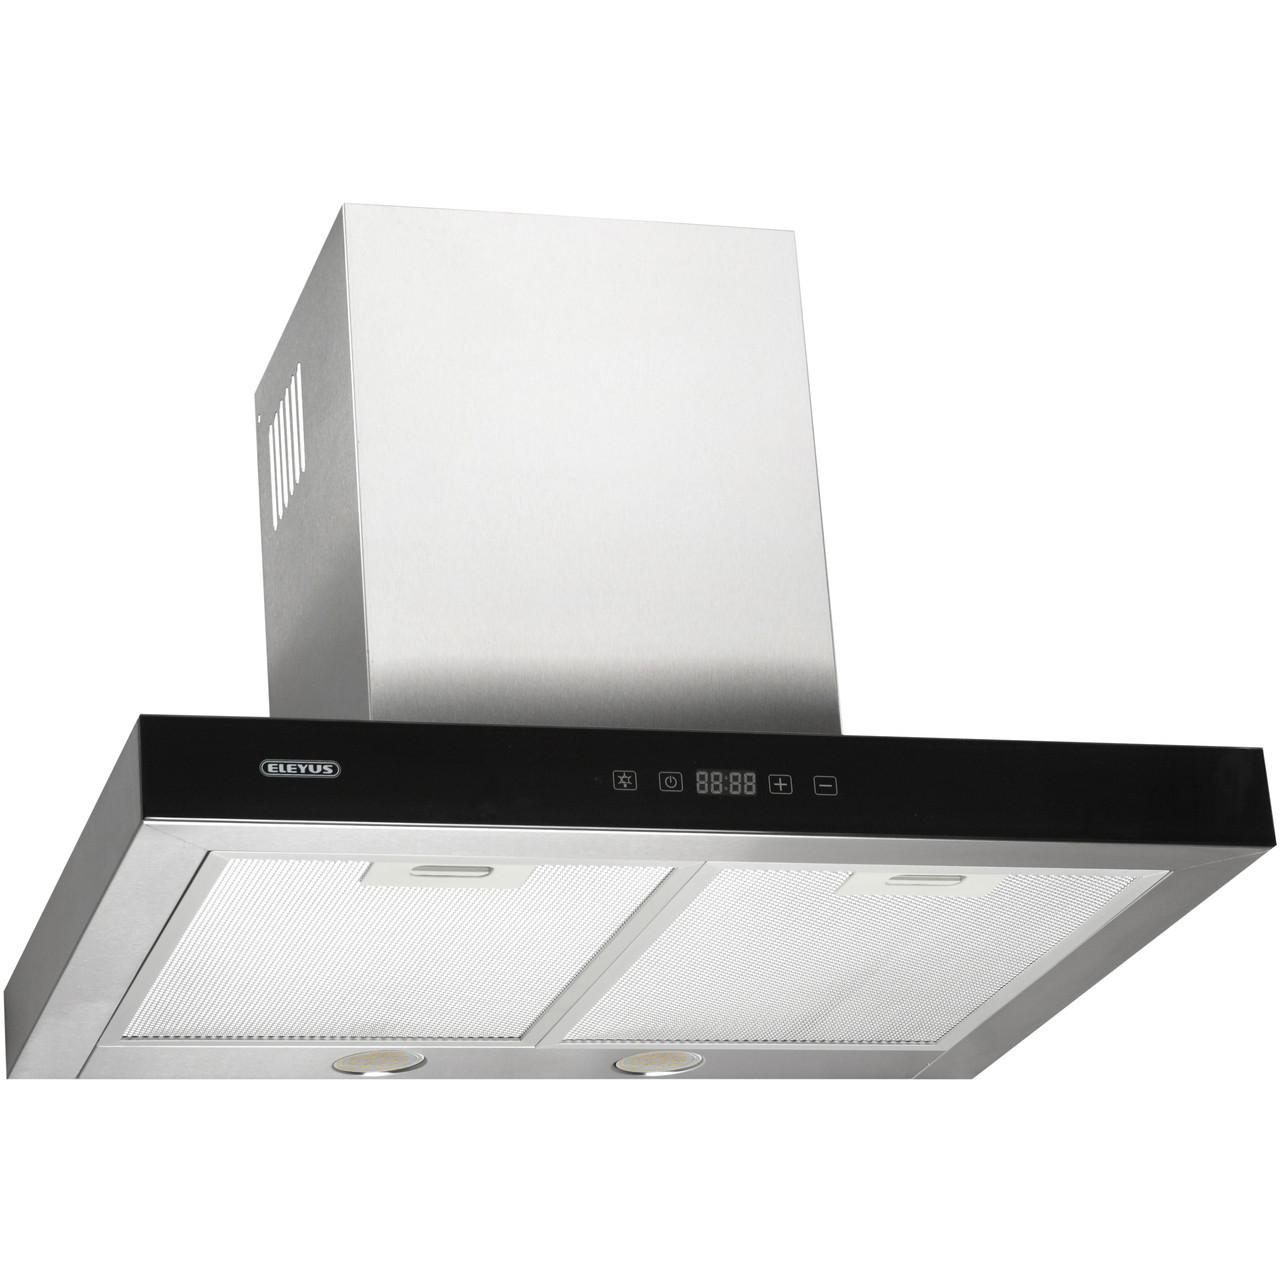 Витяжка кухонна ELEYUS Stels 1200 LED SMD 60 IS+BL + Безкоштовна доставка!